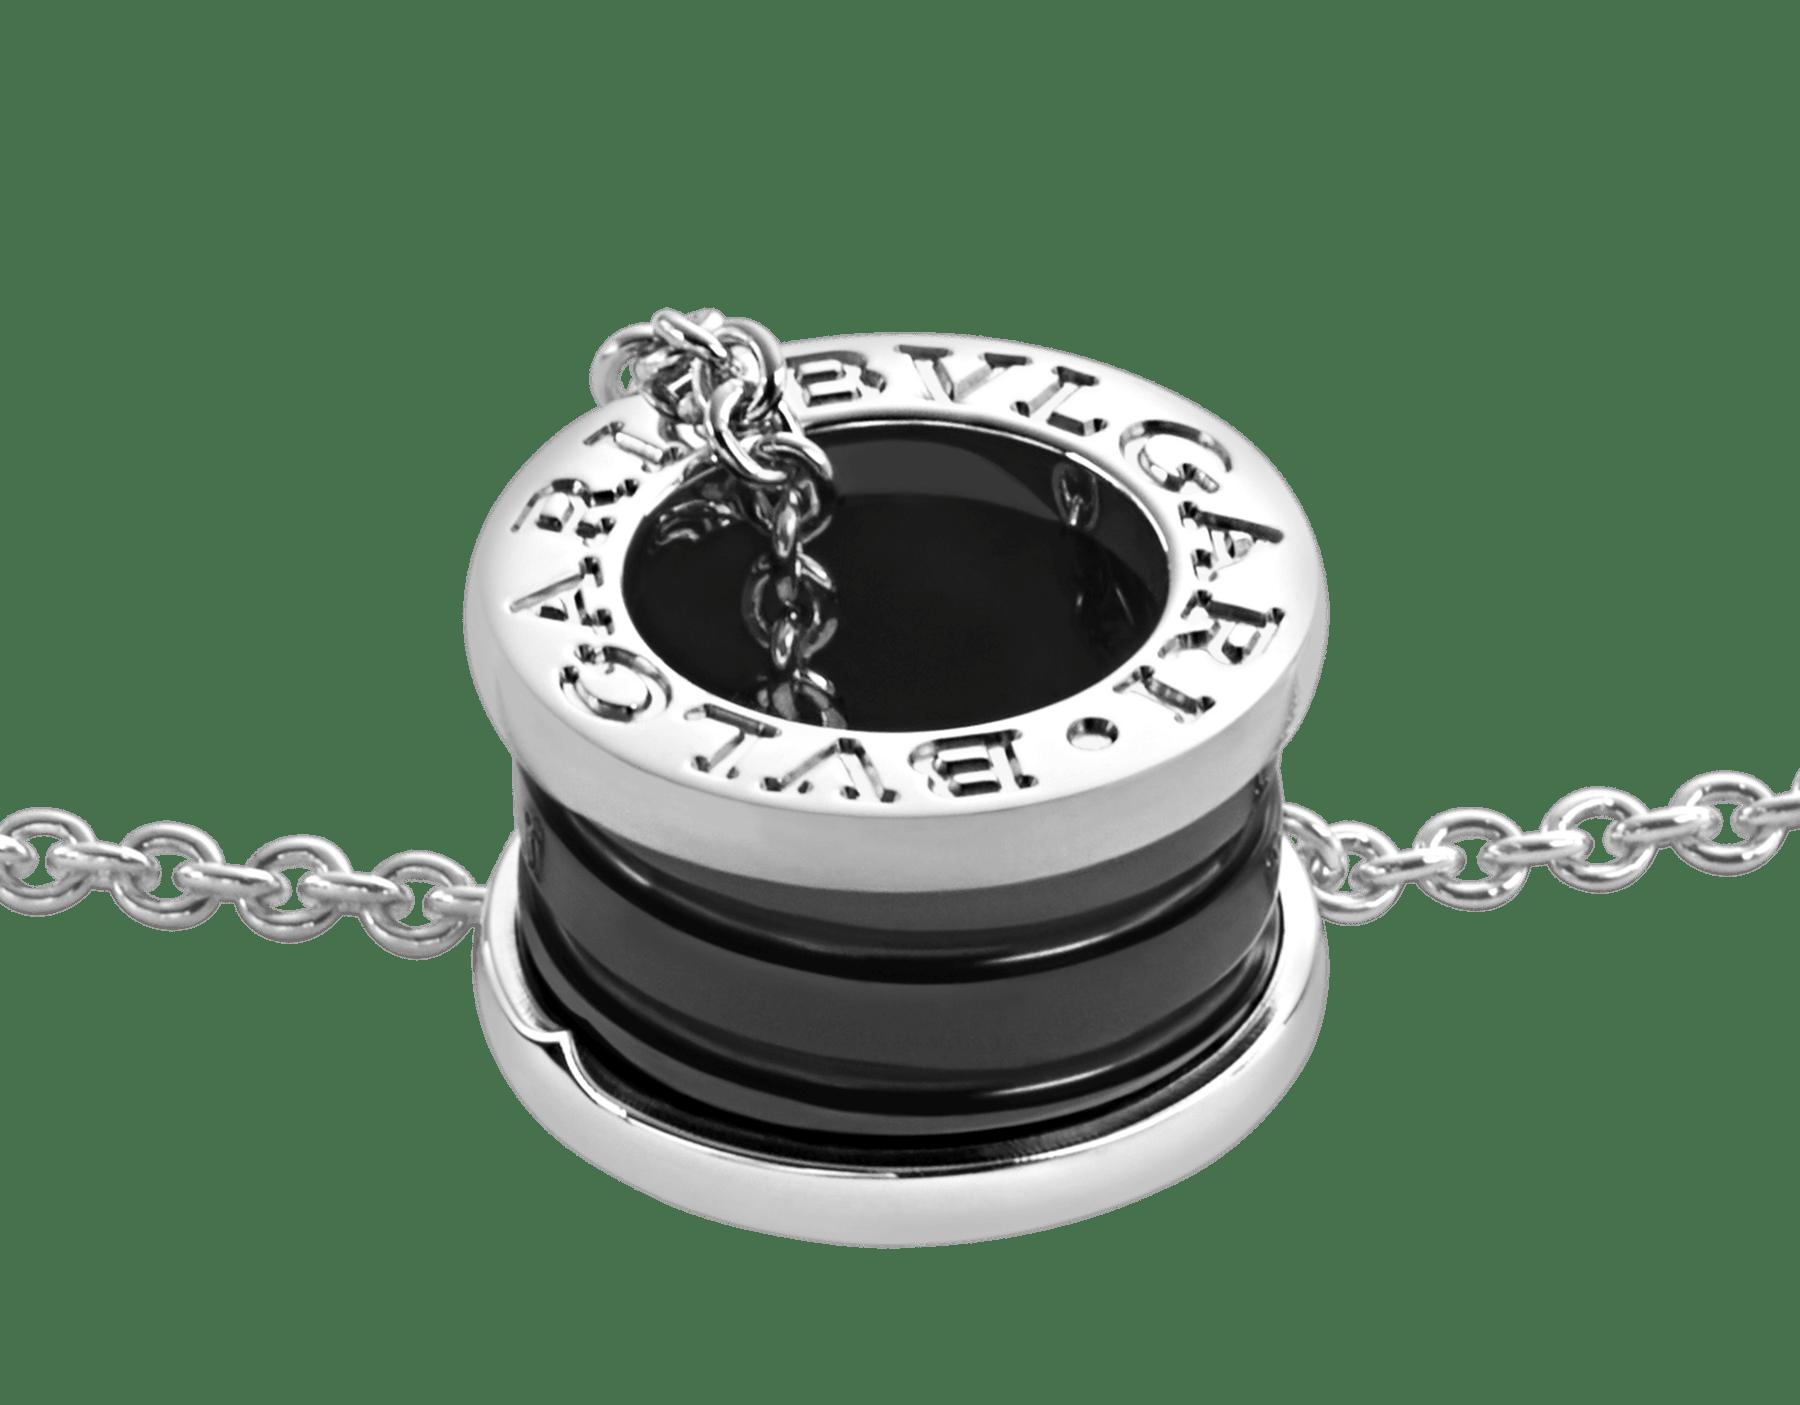 セーブ・ザ・チルドレン ネックレス。 ブラックセラミックをあしらったスターリングシルバー製ペンダントトップ(直径1.5cm、厚み1cm)およびスターリングシルバー製チェーン(38-45cm)。 349634 image 3